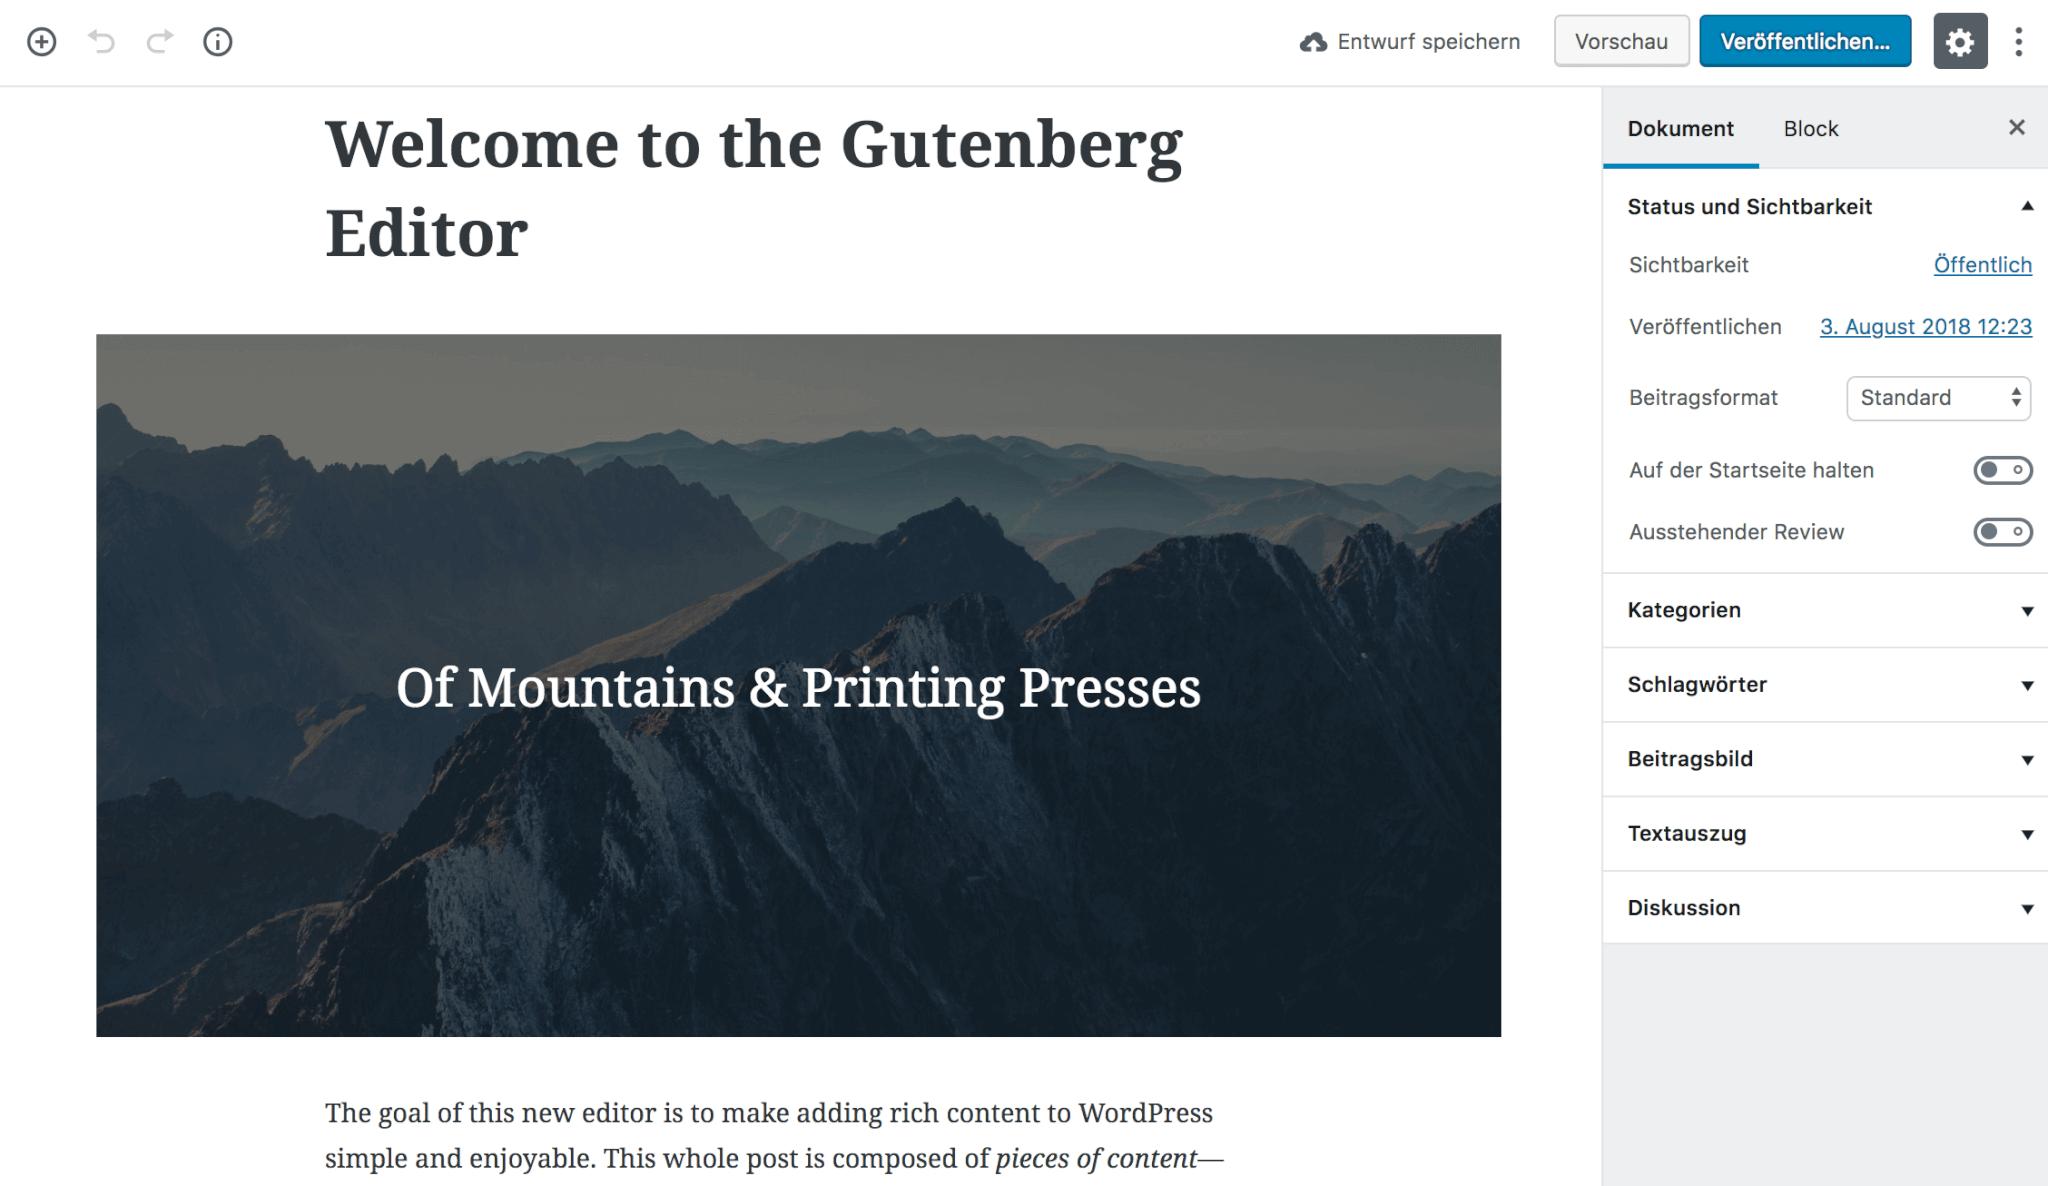 Ecco come si presenta la mail di benvenuto del Gutenberg4WordPress .9.8